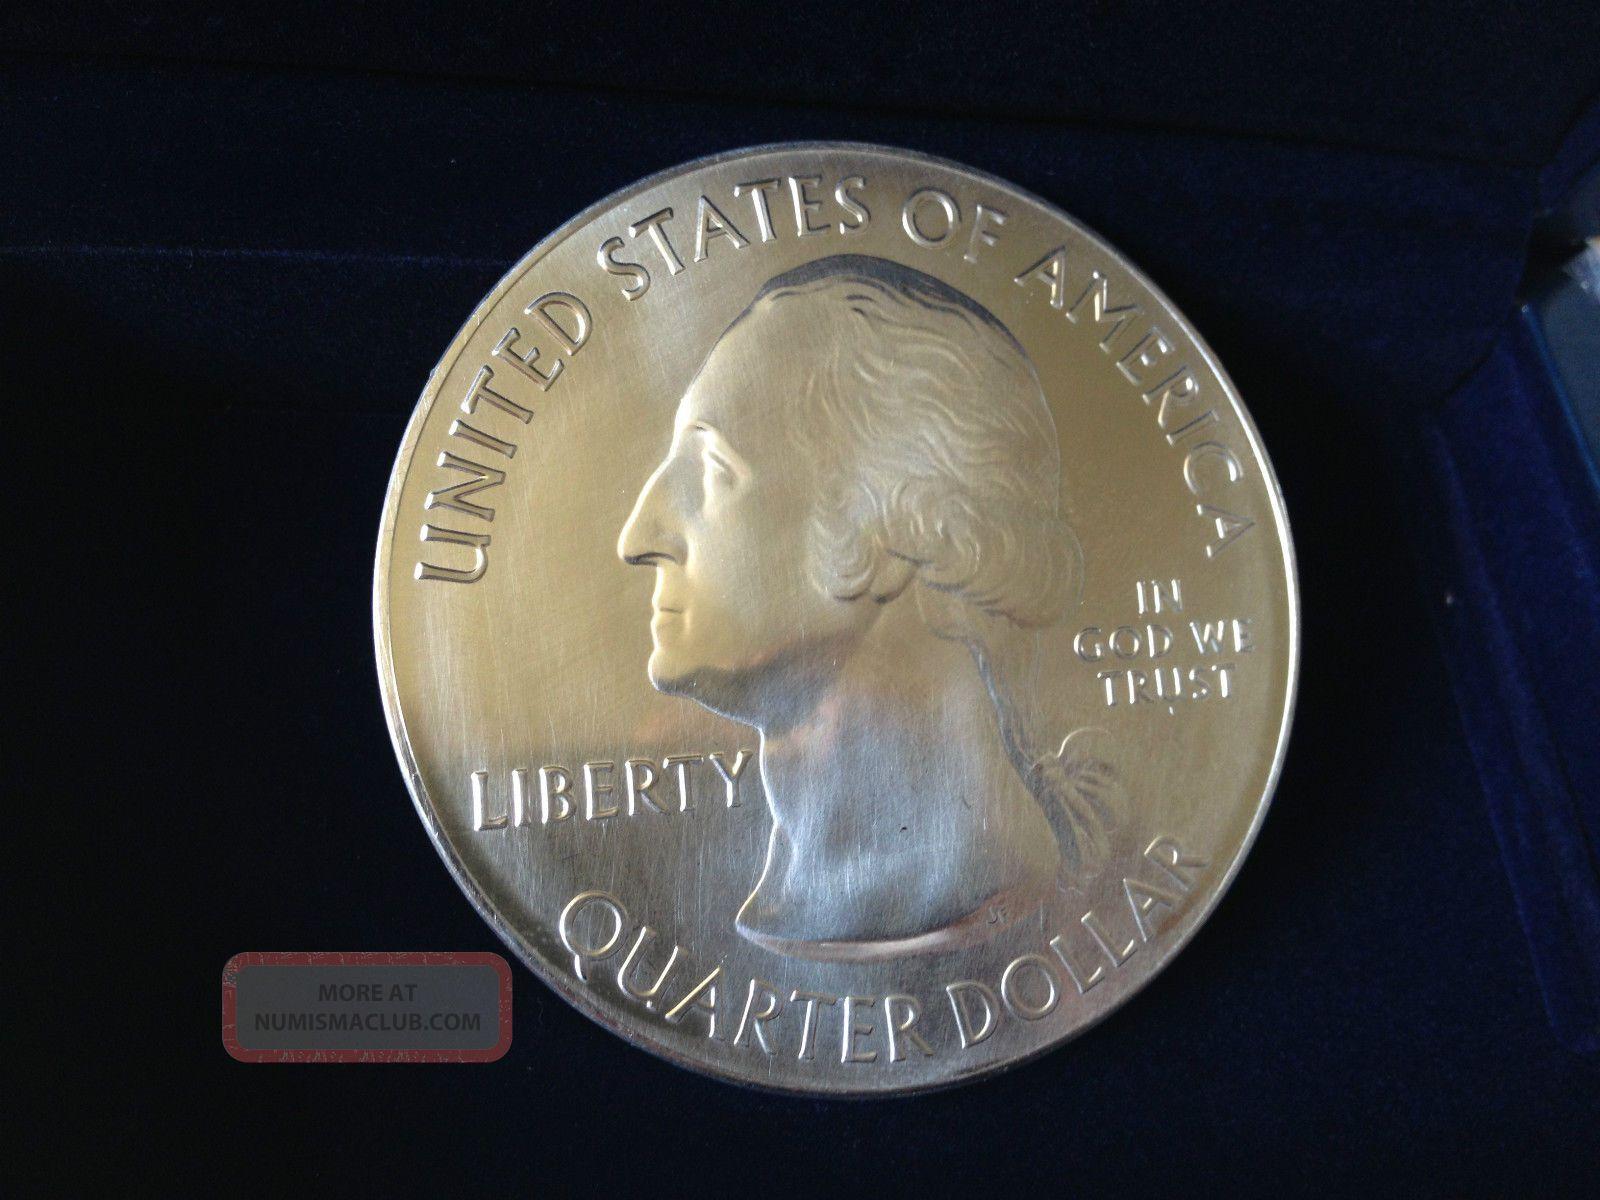 2013 5 Ounce Coin Atb Great Basin Nevada